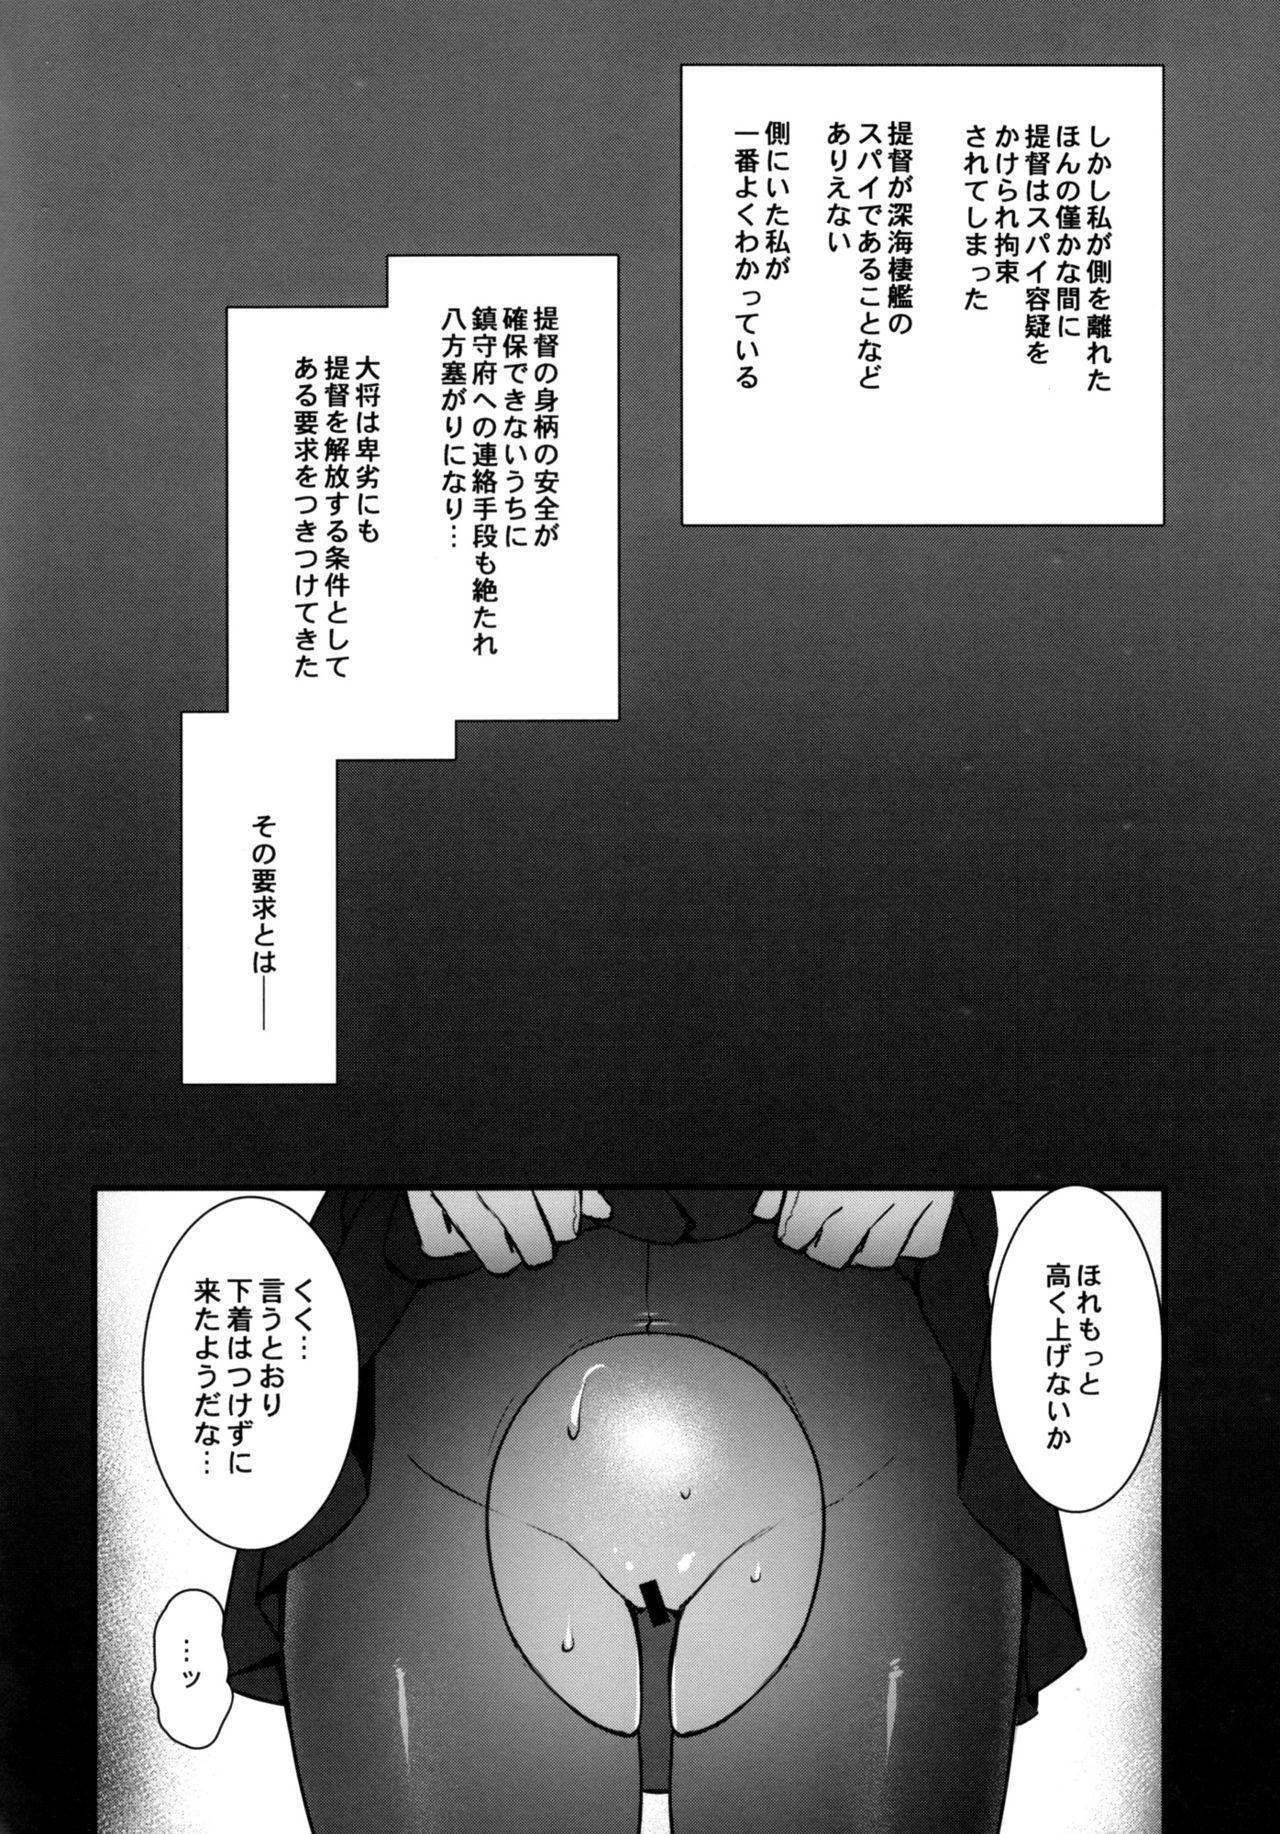 Hamakaze Netori 4